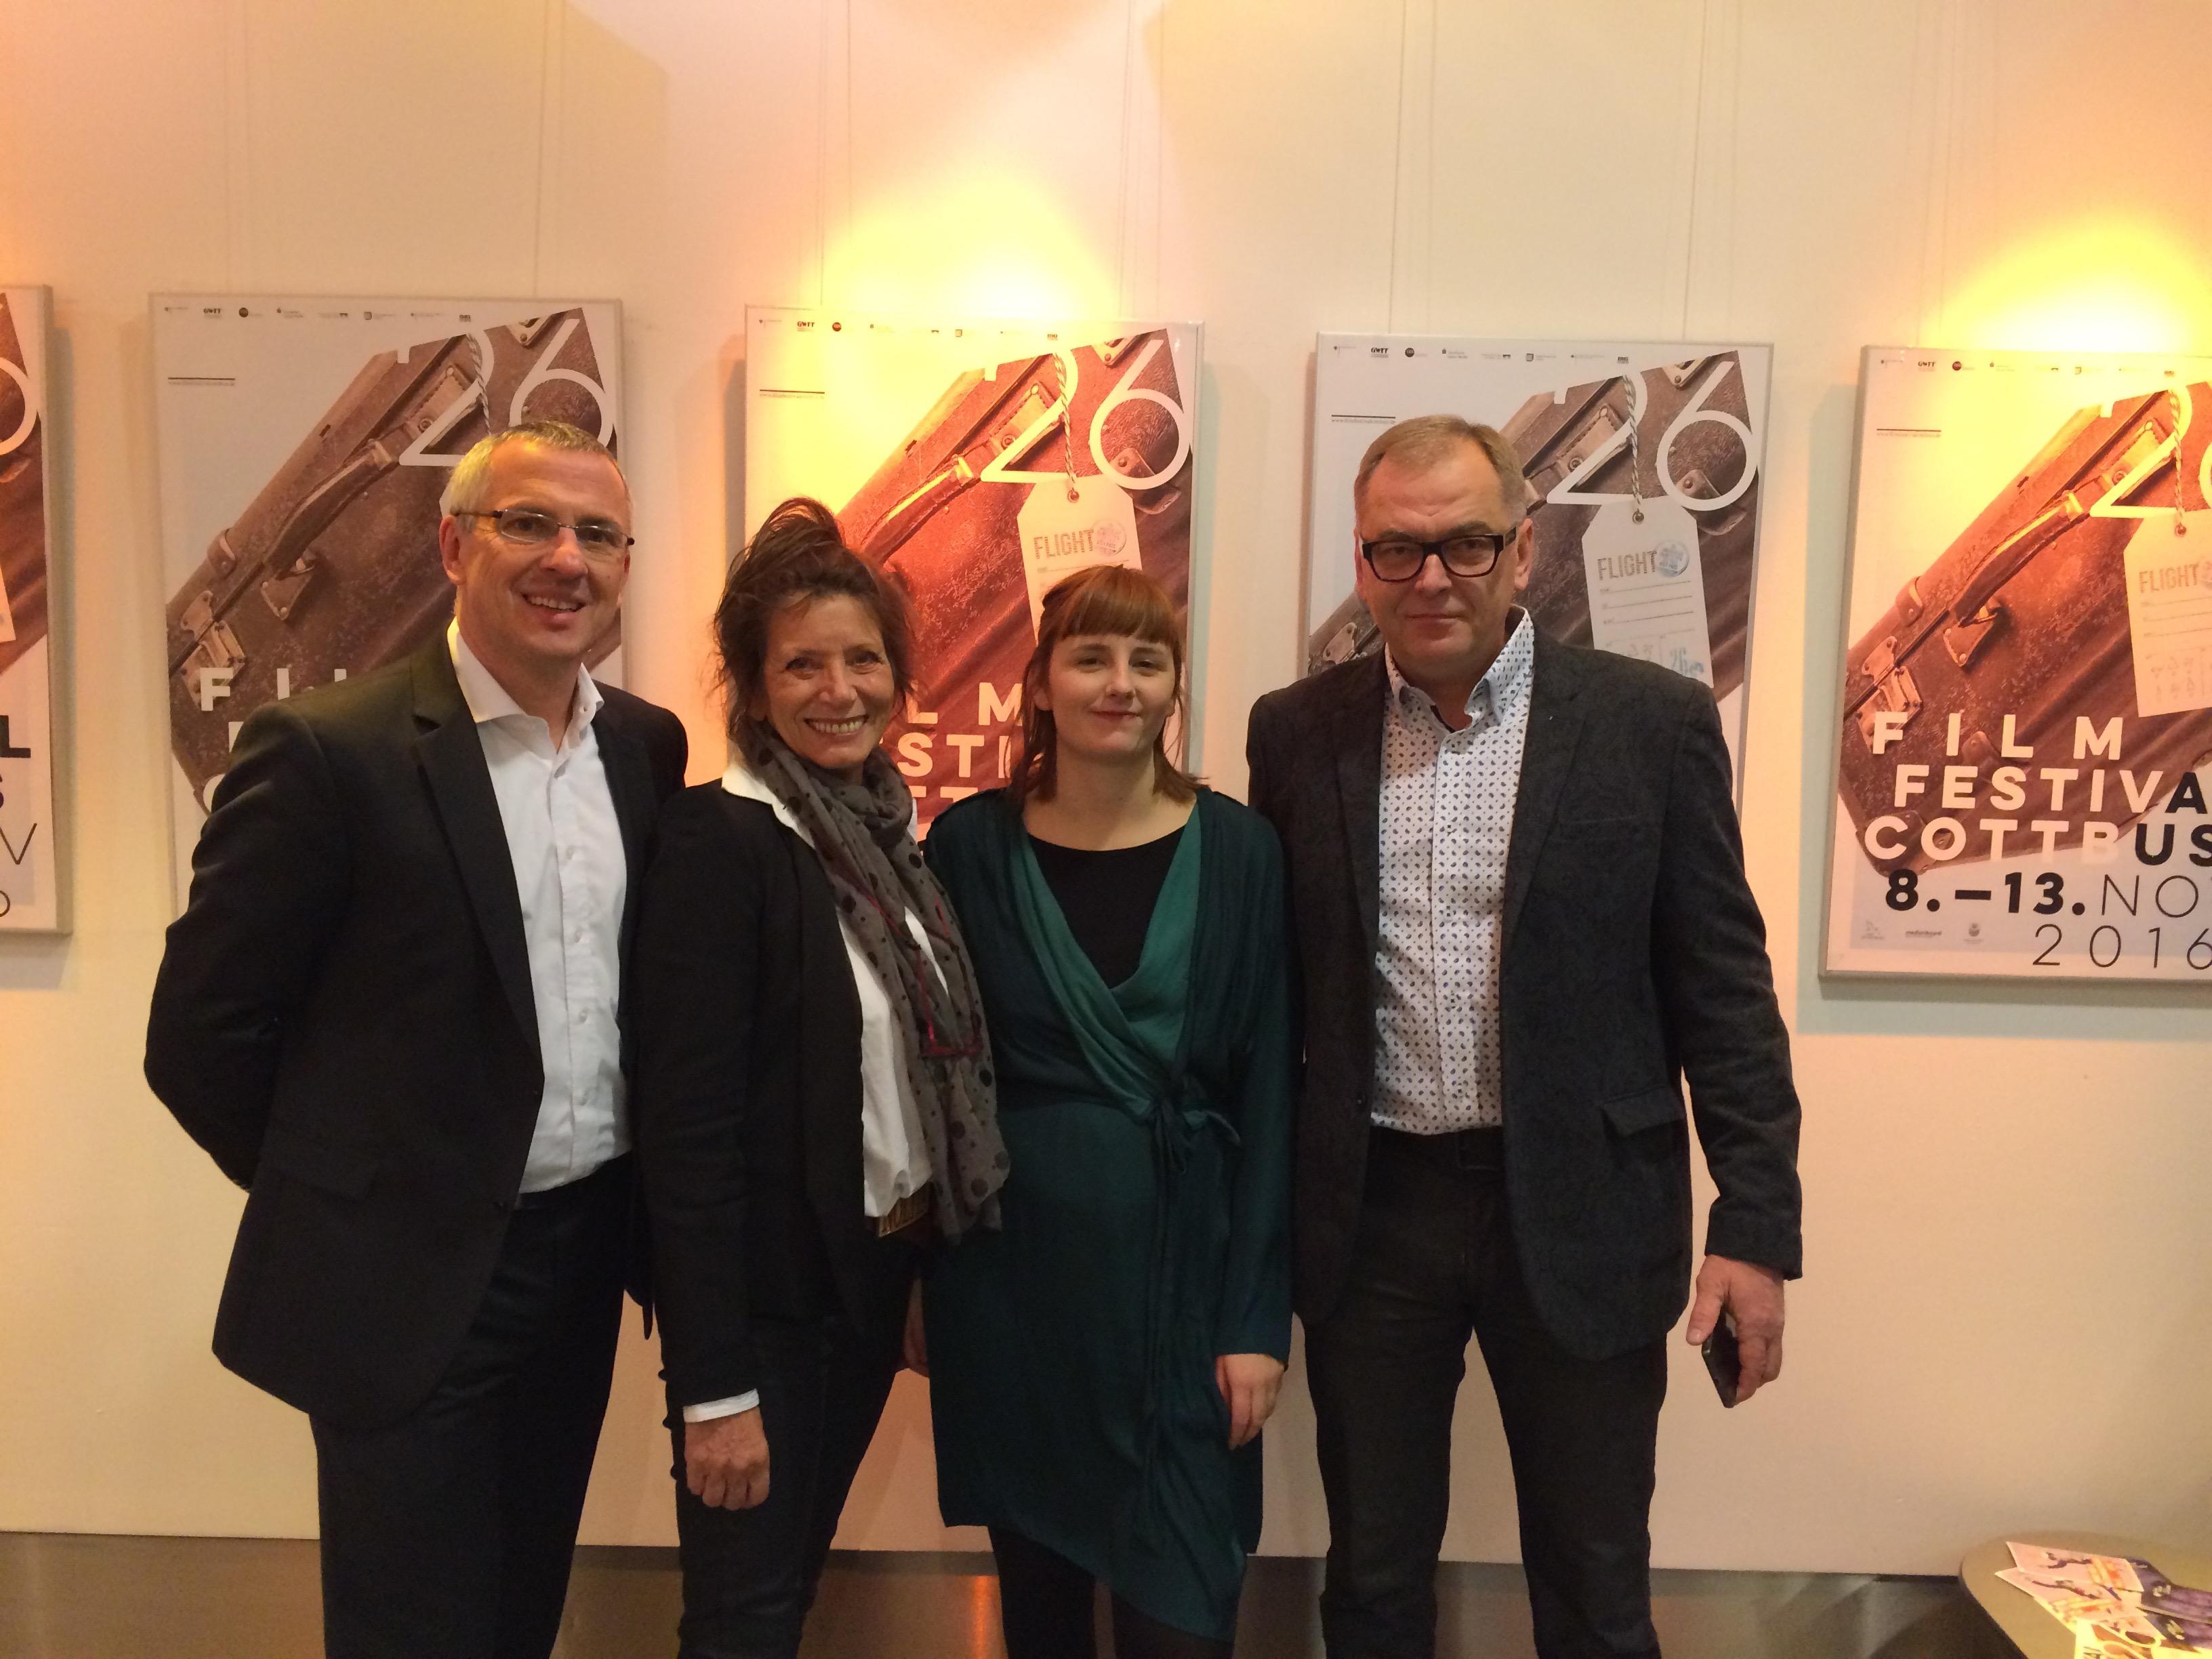 Die Jury 2016 von links nach rechts: Stefan Förner, Berlin, Rita Weinert, Hamburg, Charlotte Timmerman, Brüssel, Gatis Lidums, Riga